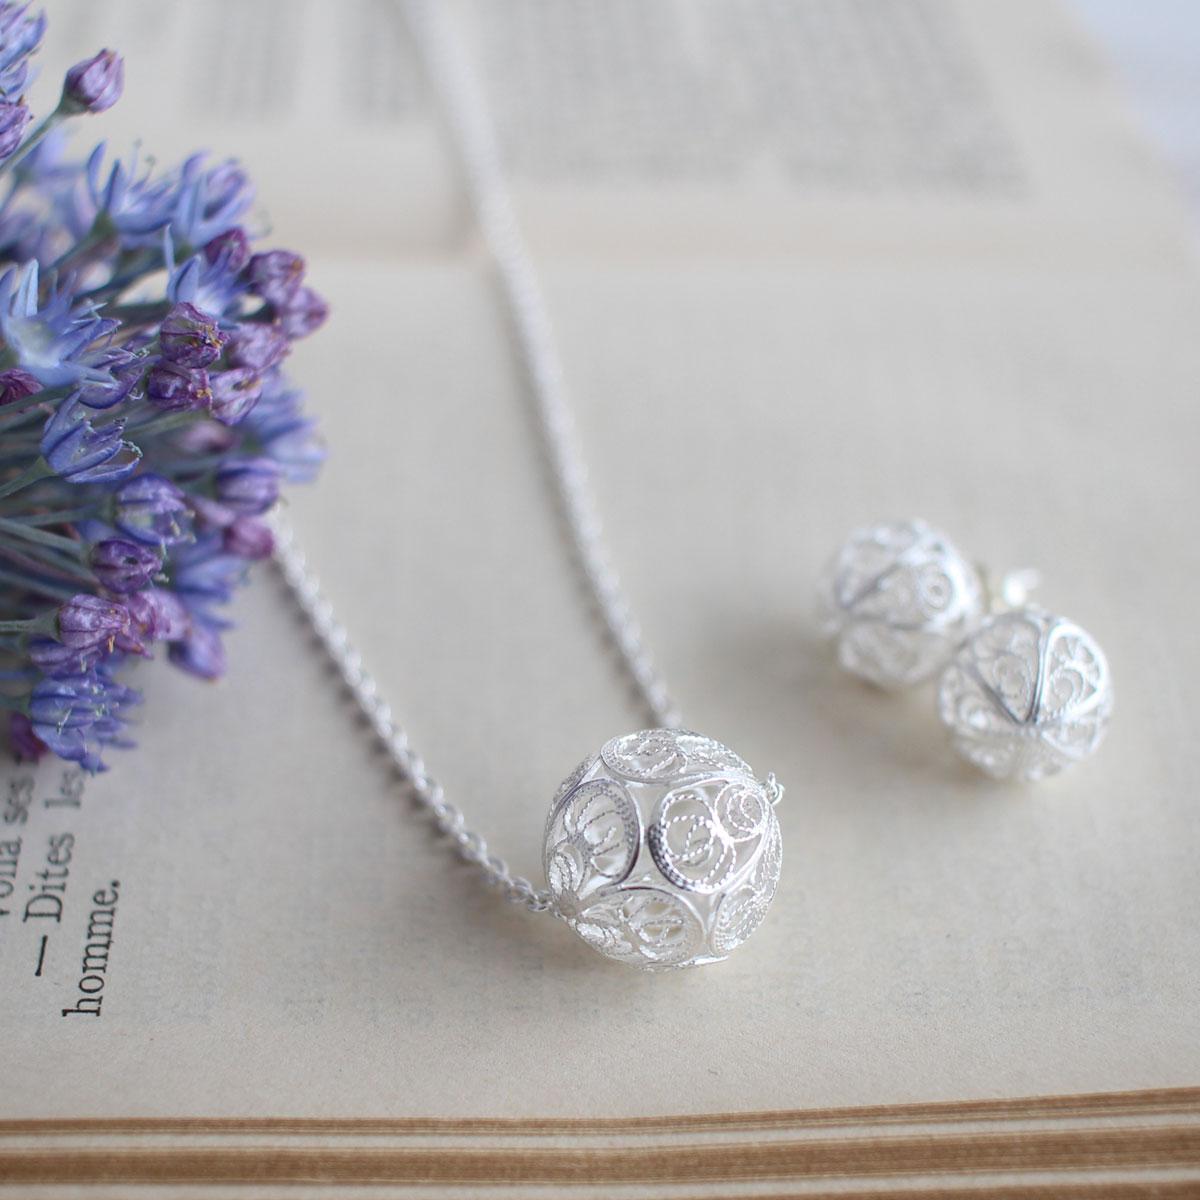 フィリグリー・銀線細工の透かしが美しい、ボールのスタッズピアスと一粒ボールビーズのネックレス